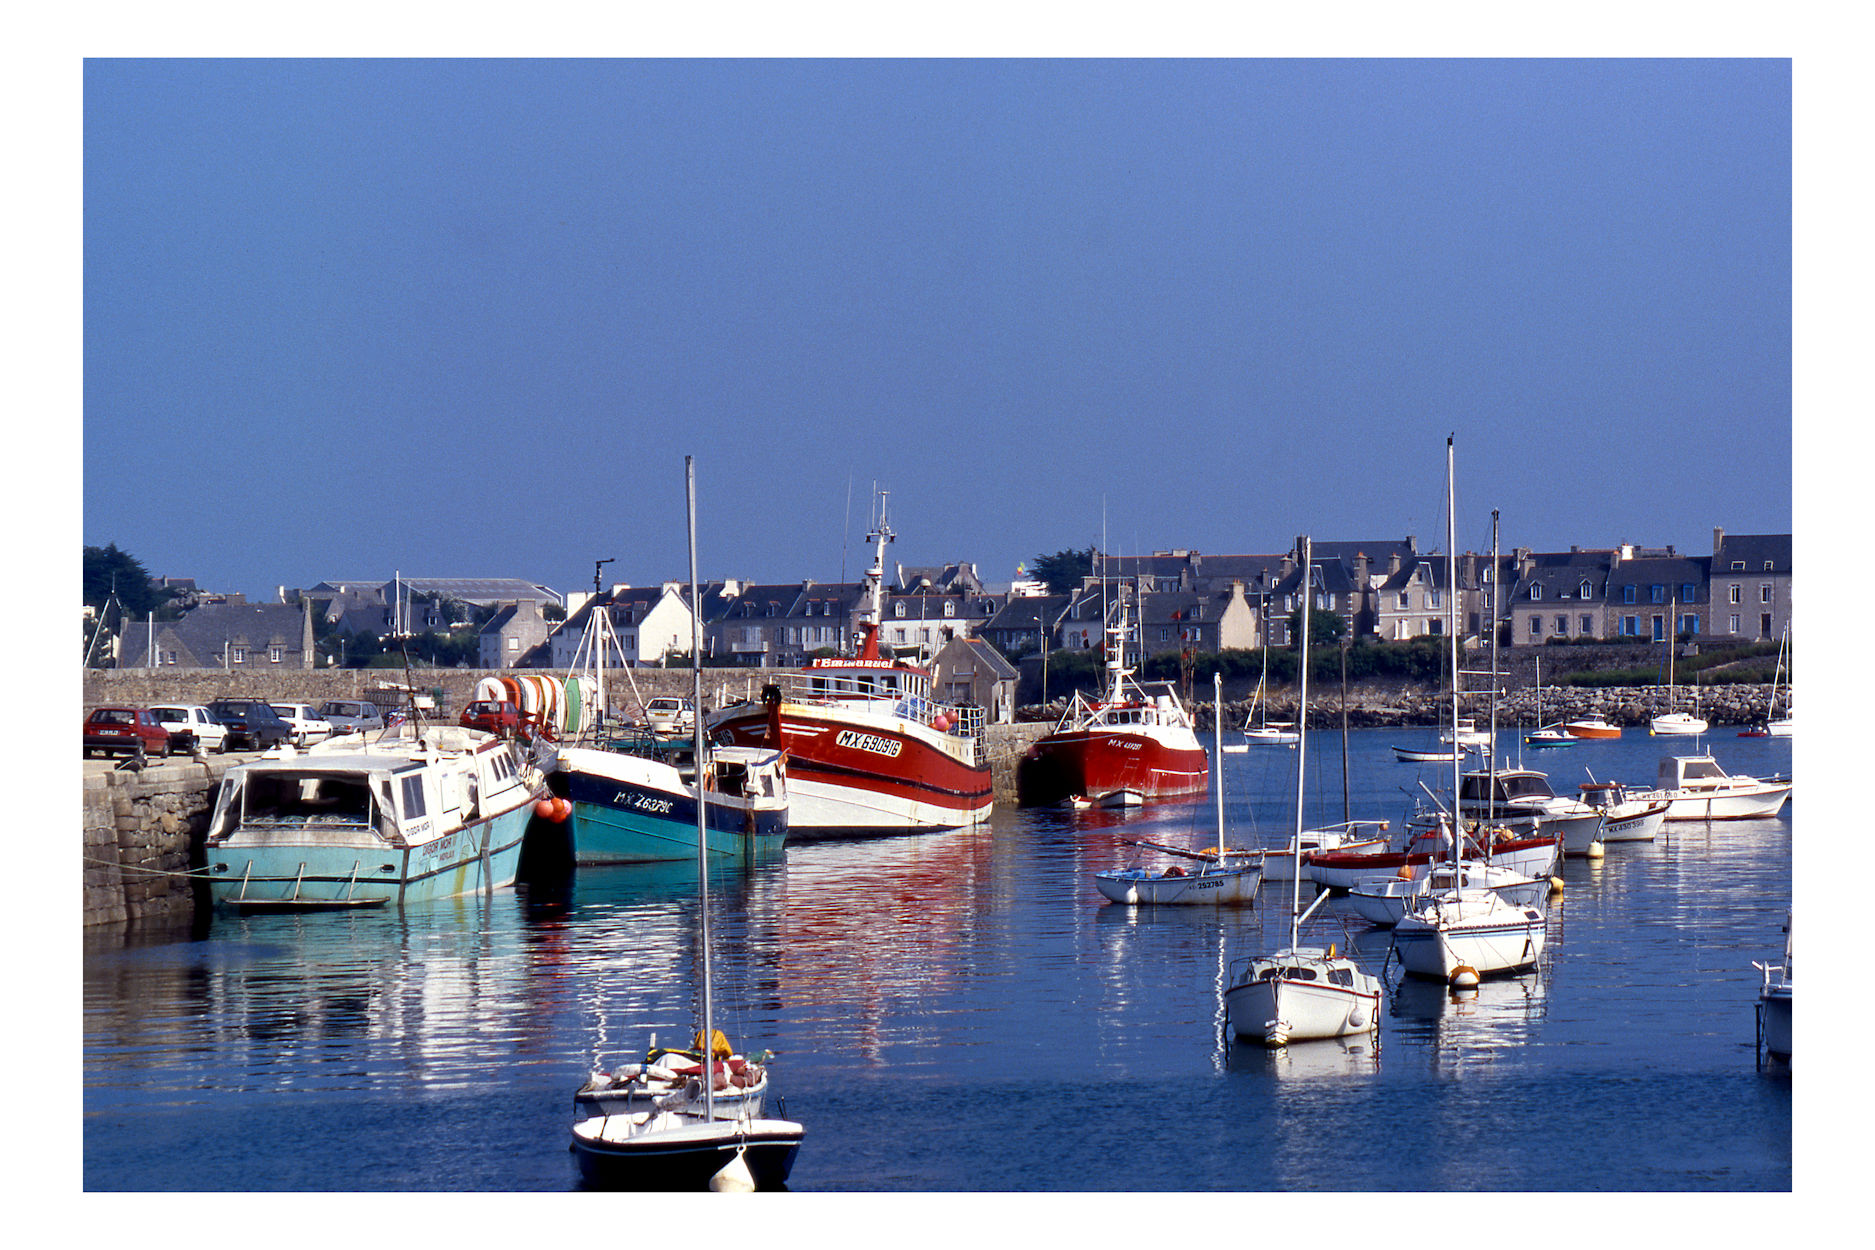 Barche da pesca ormeggiate in porto....